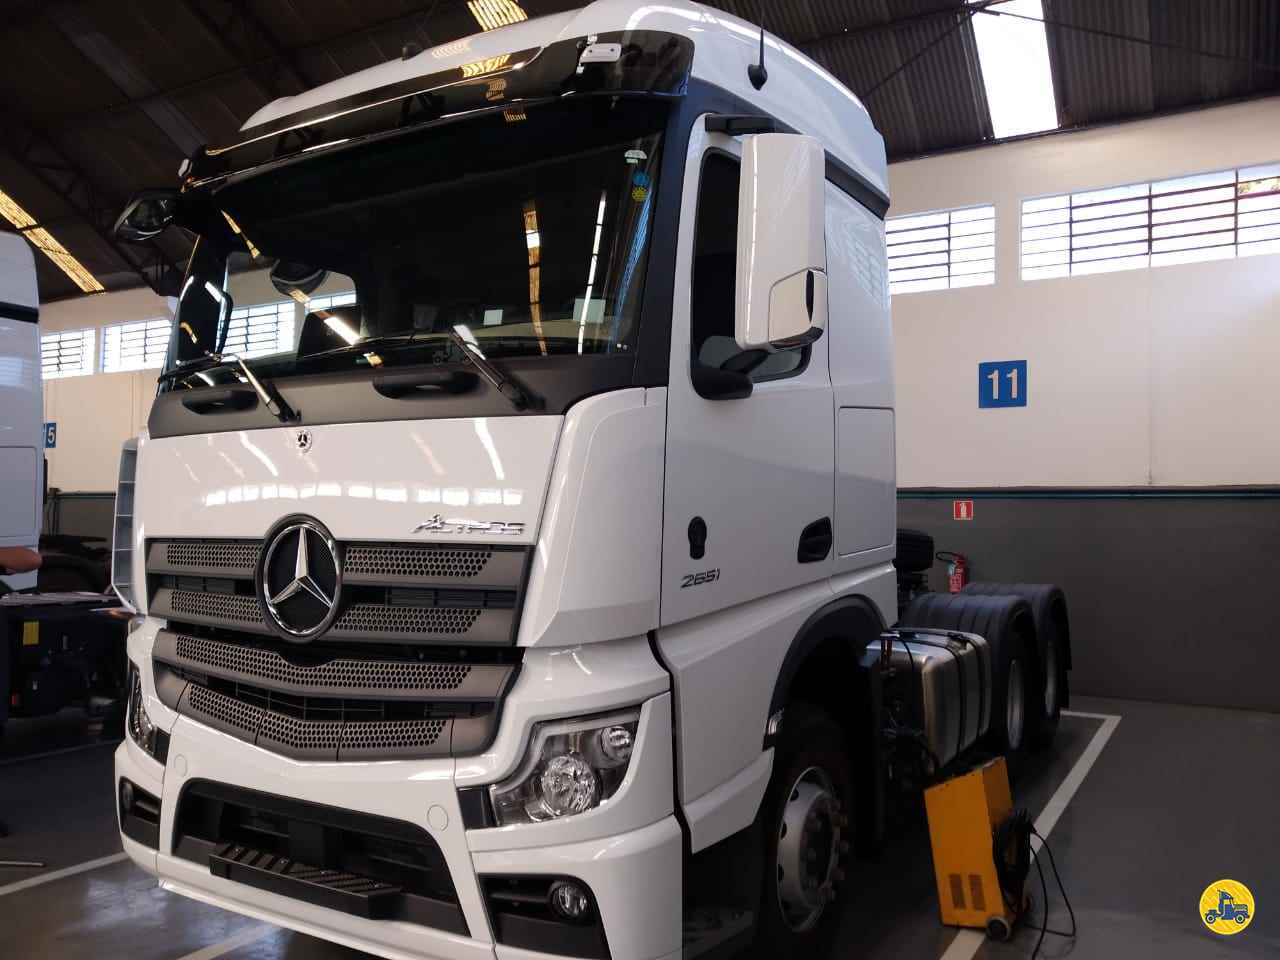 CAMINHAO MERCEDES-BENZ MB 2651 Cavalo Mecânico Traçado 6x4 Diogo Caminhões ANAPOLIS GOIAS GO